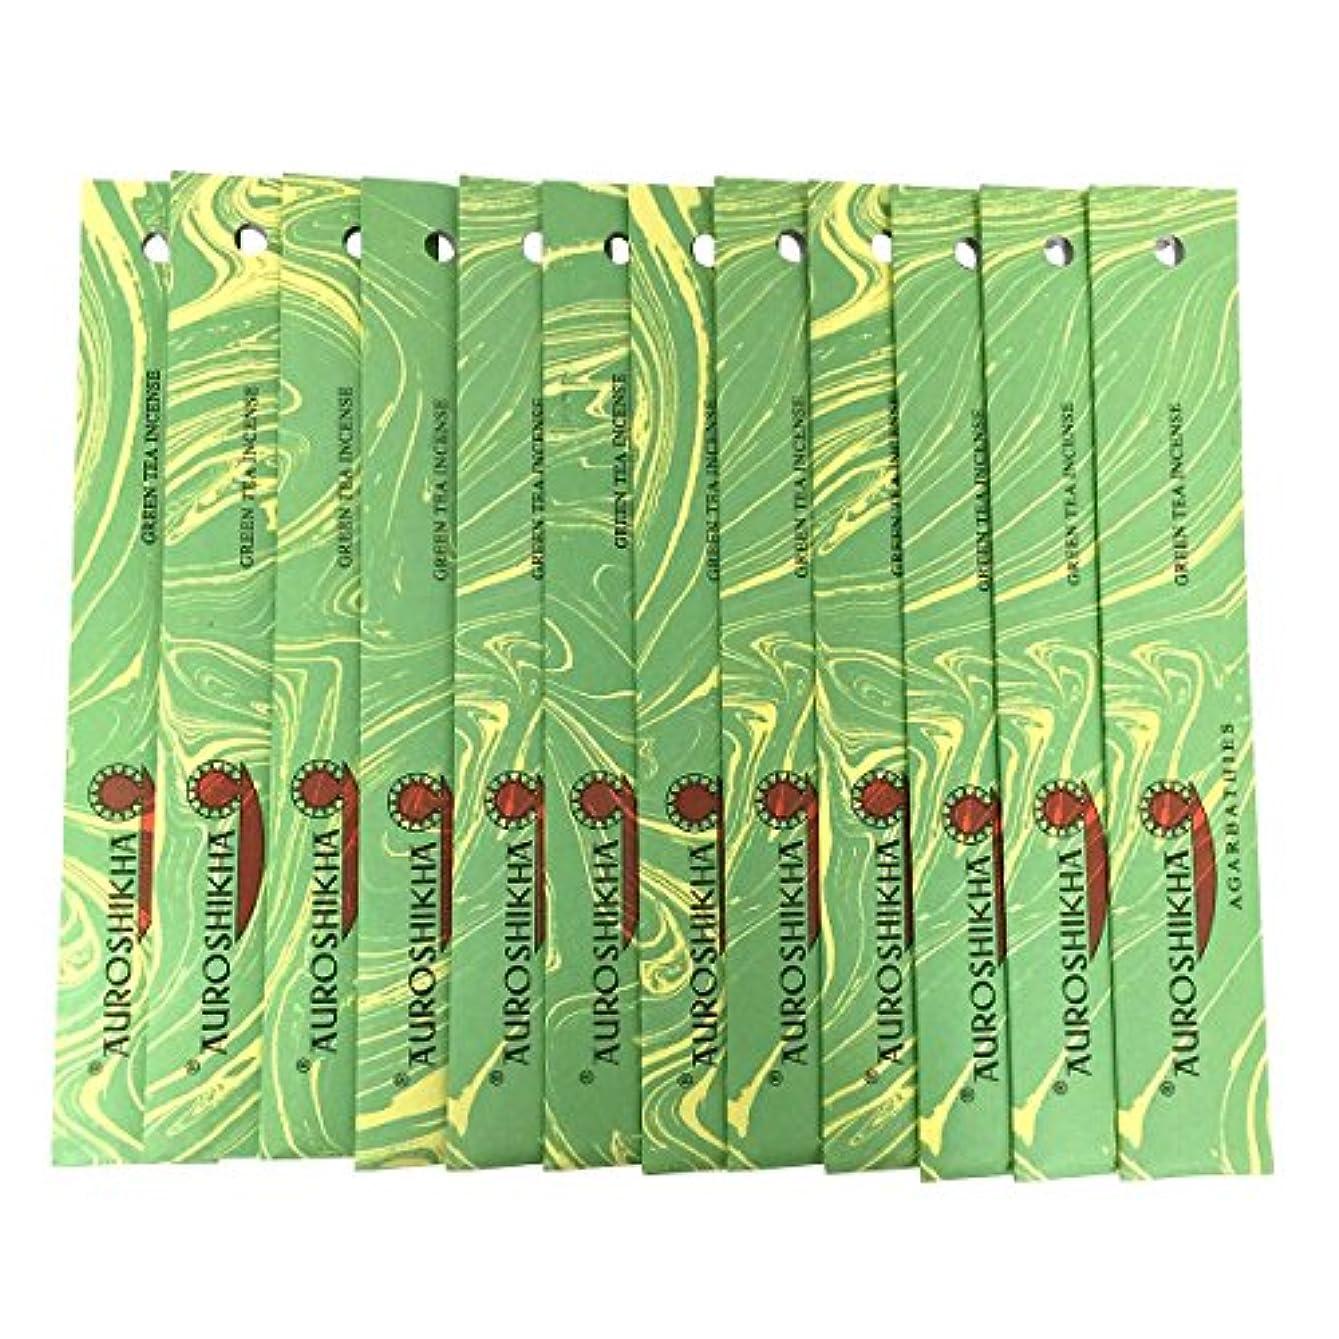 週末マニアックスタッフAUROSHIKHA オウロシカ(GREENTEAグリーンティー12個セット) マーブルパッケージスティック 送料無料